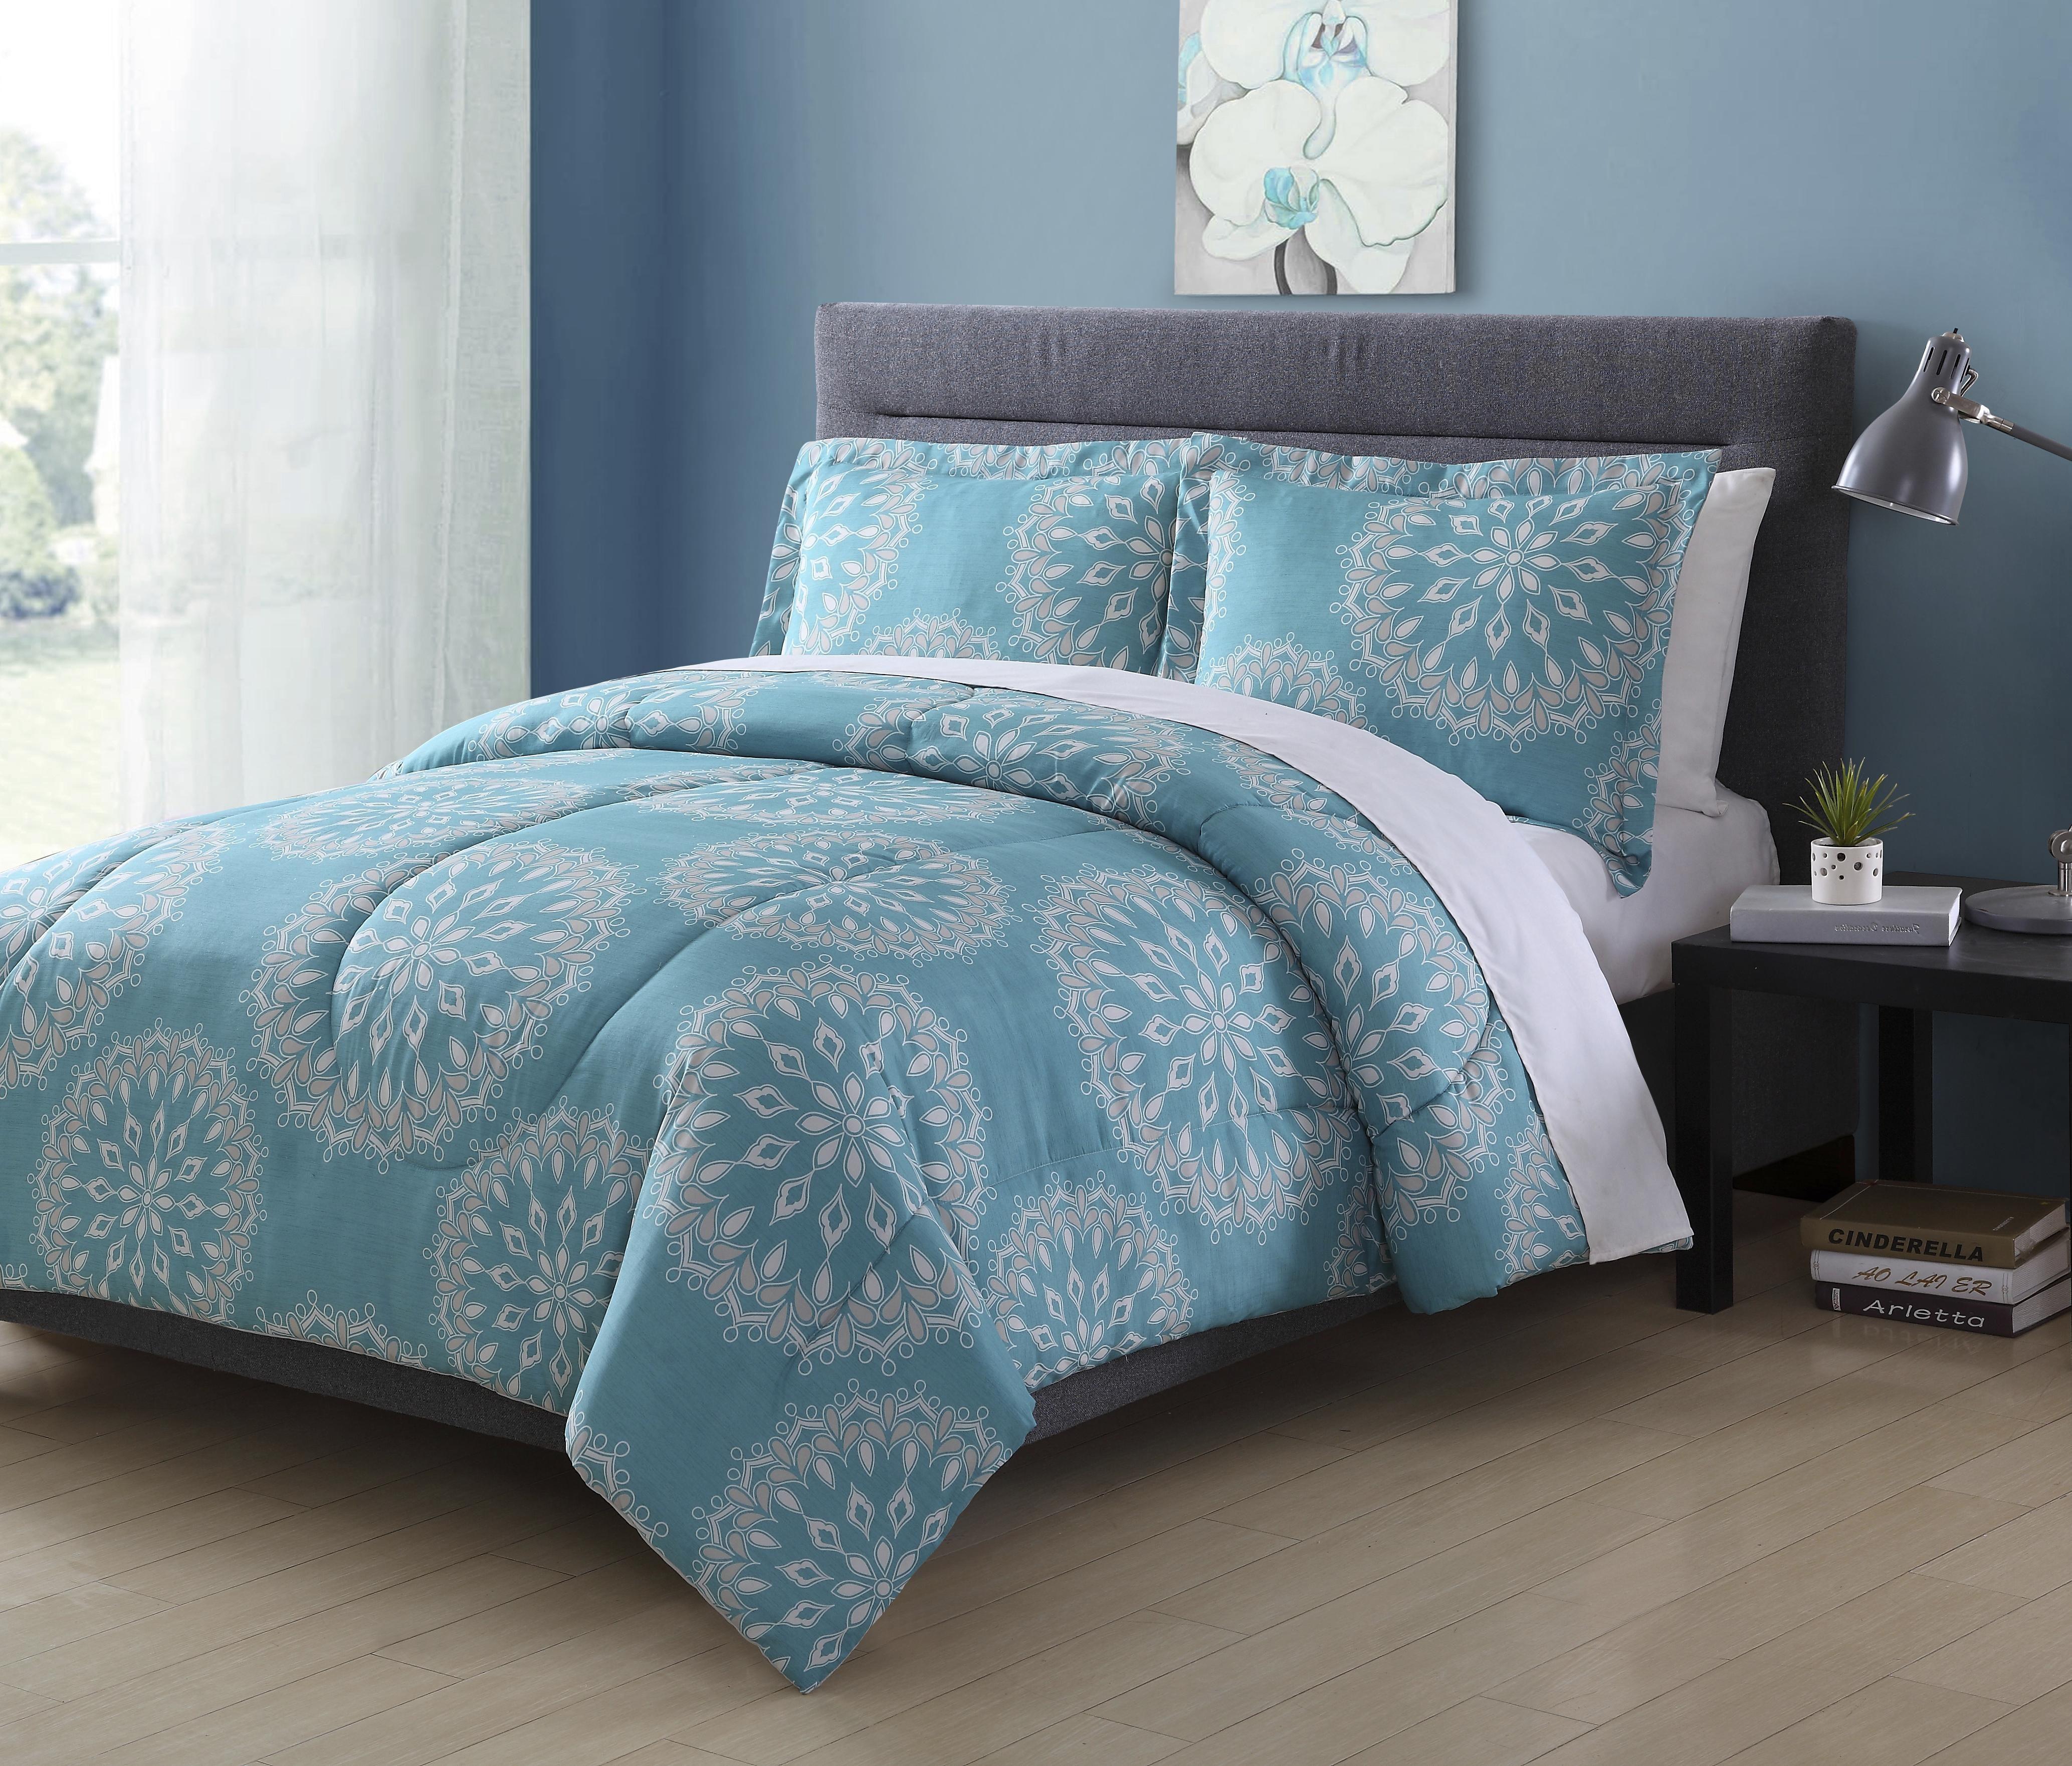 Colormate Microfiber Comforter Set â Sunburst, Turquoise